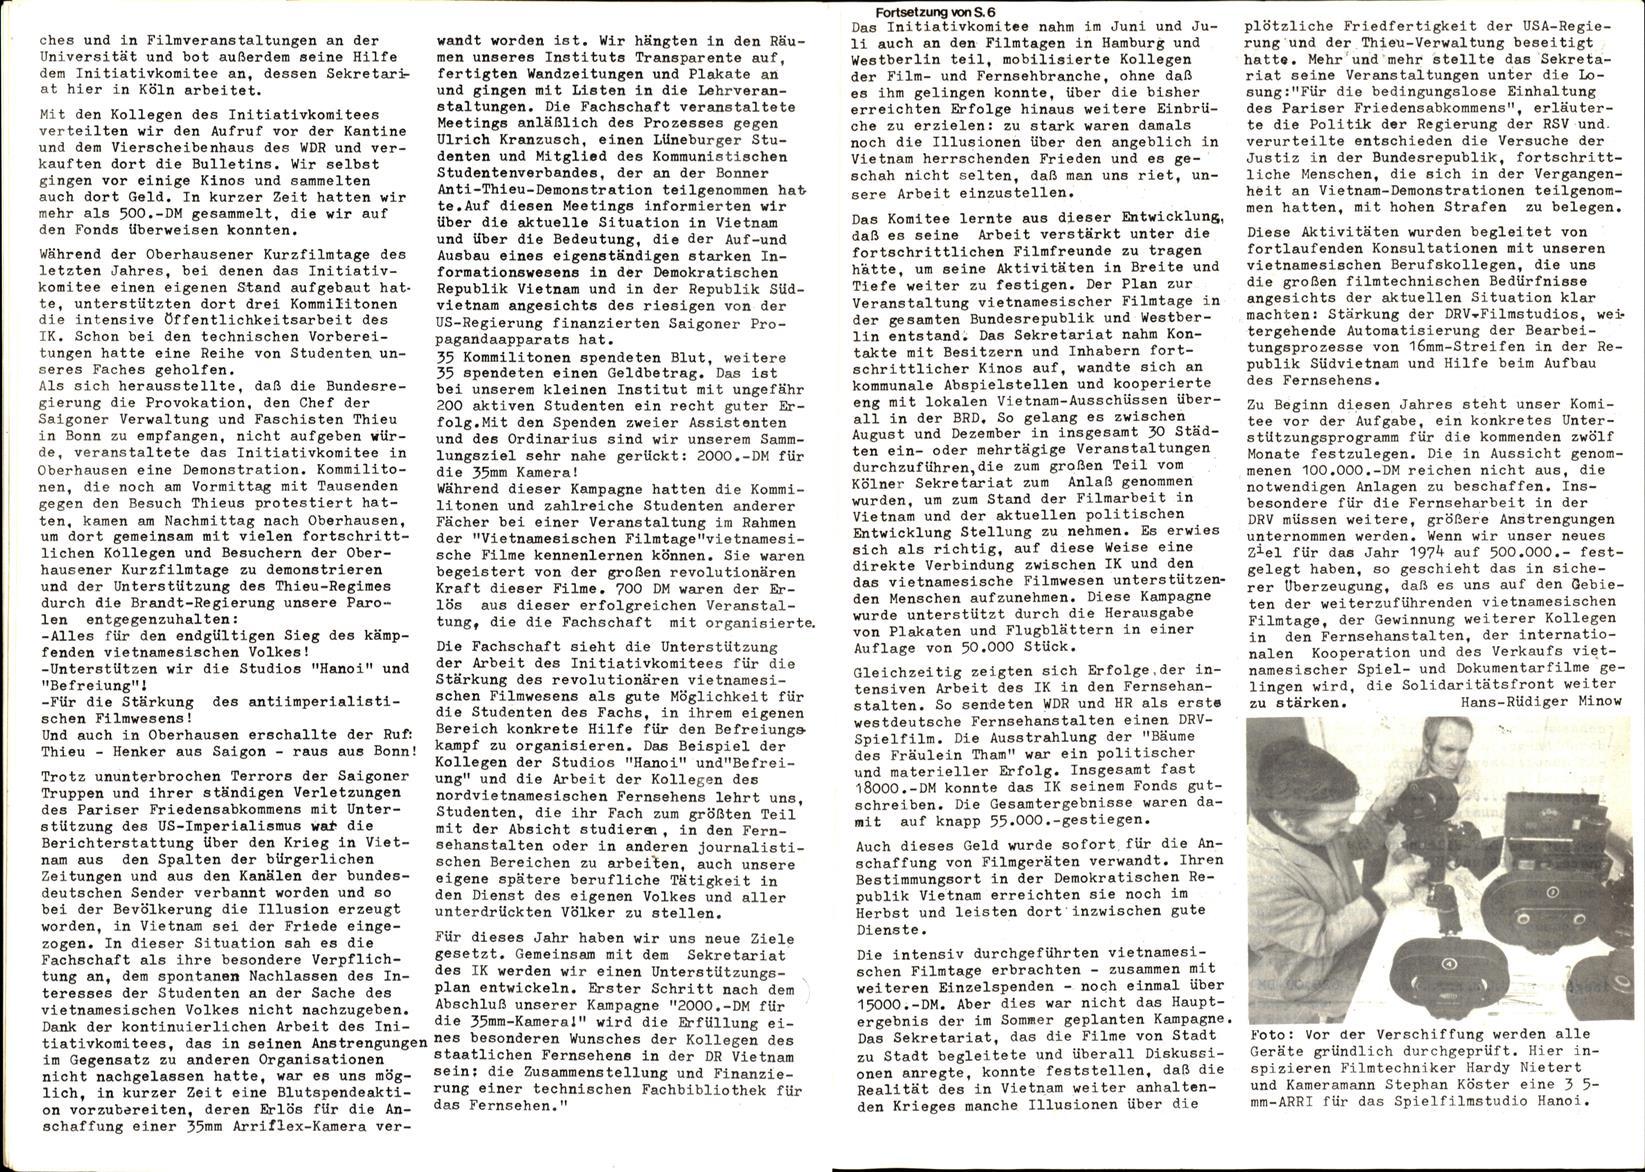 IK_Filmwesen_Bulletin_19740100_005_006_008